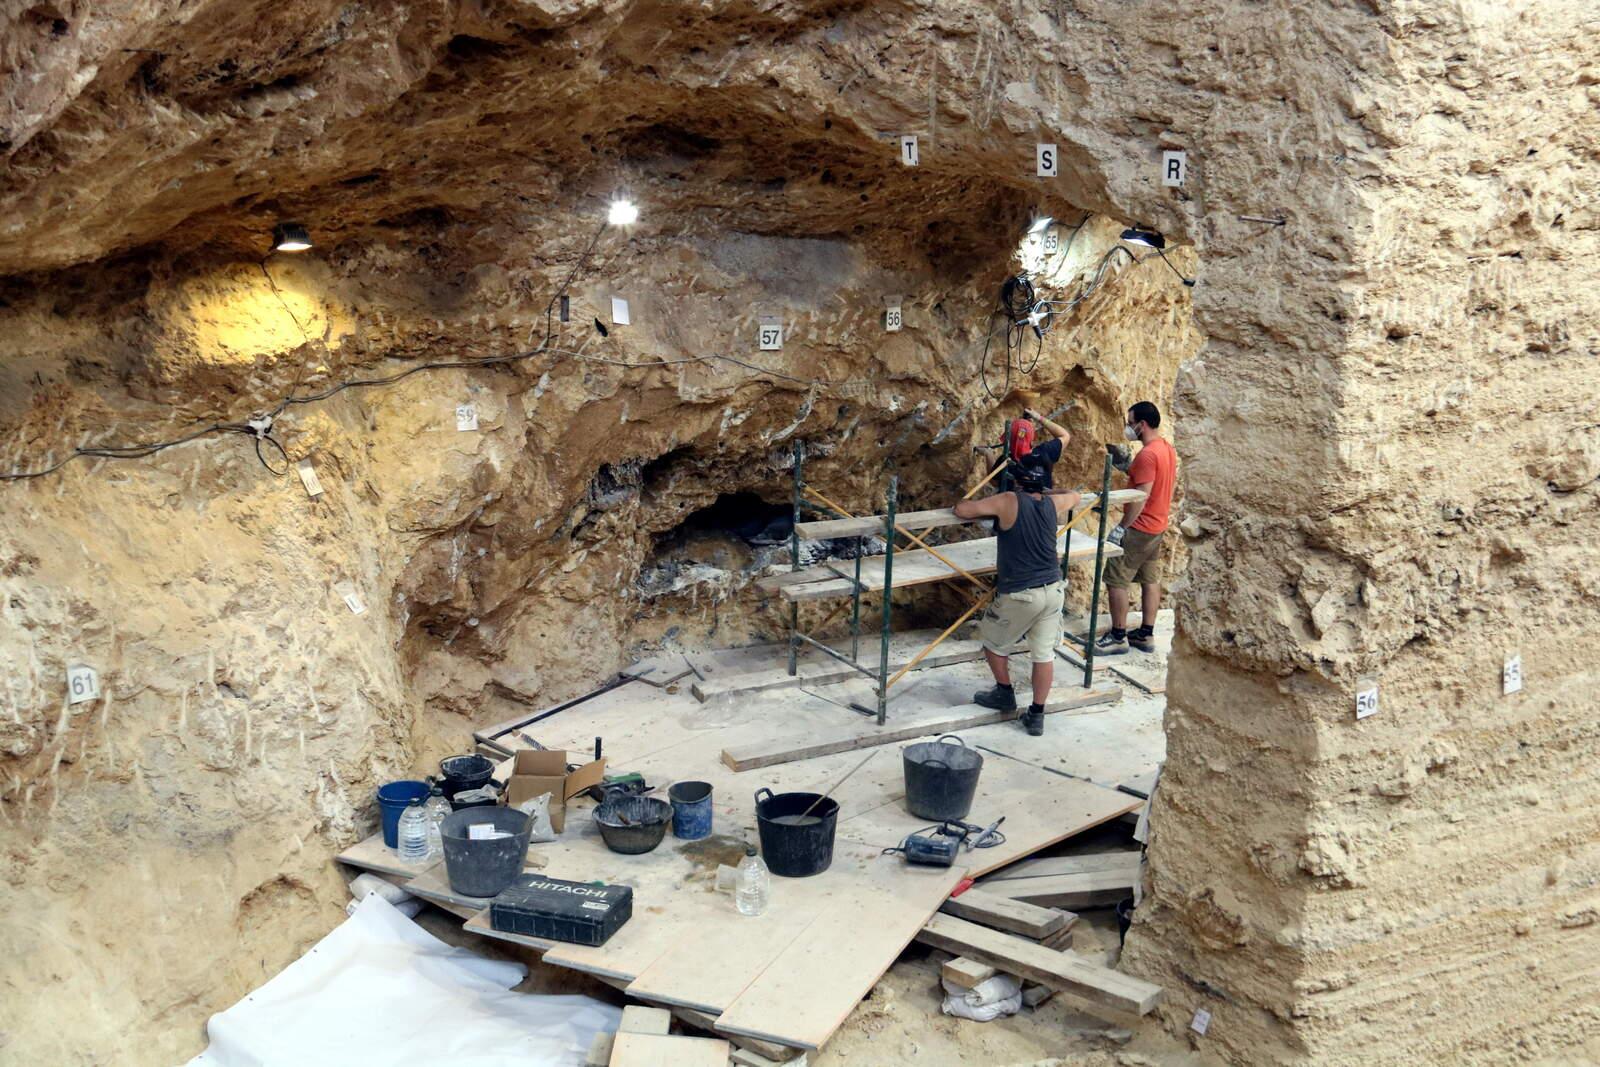 Les excavacions de l'estiu de 2020 a l'Abric Romaní de Capellades